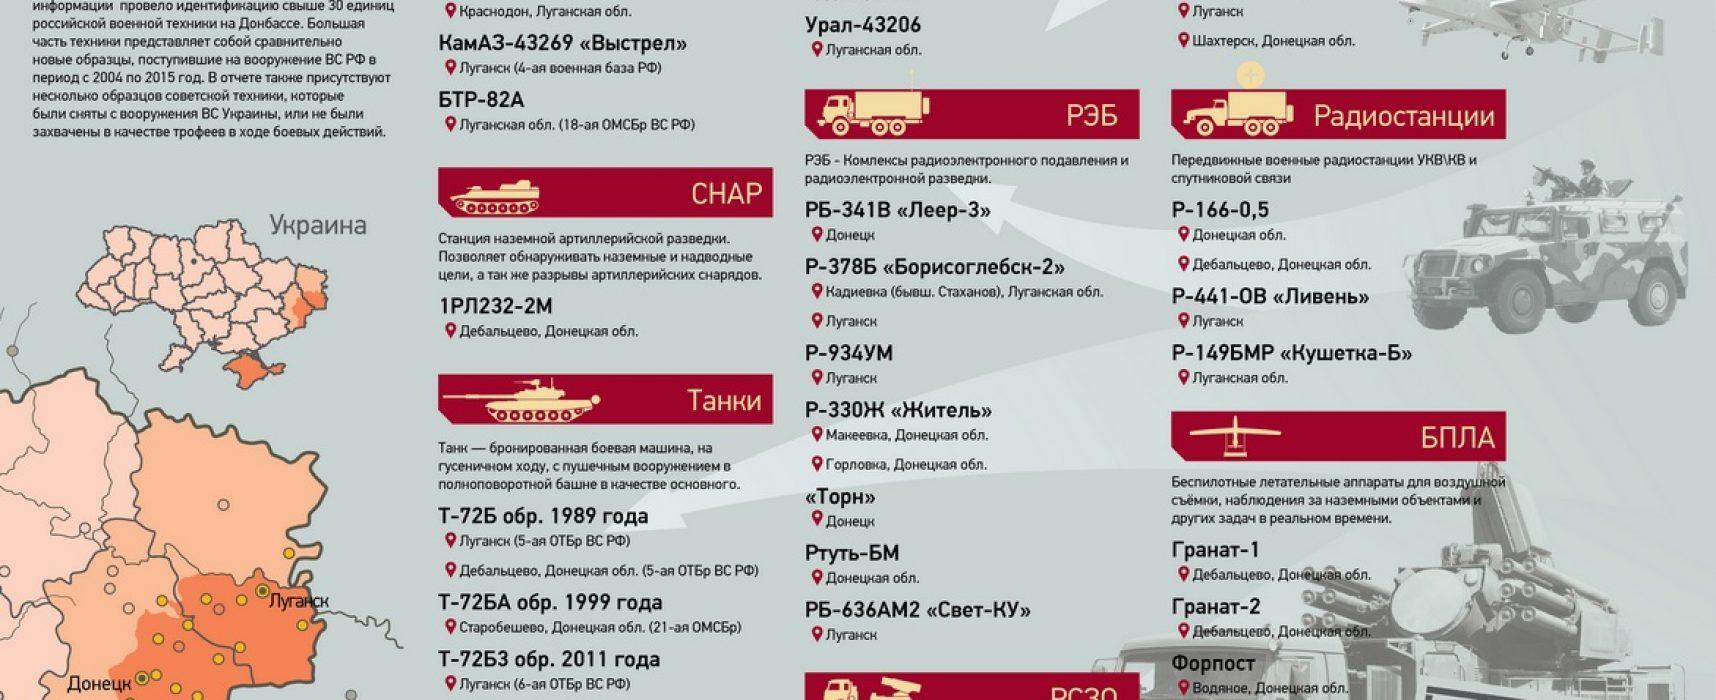 База данных и видеографика новейшего вооружения ВС РФ на Донбассе